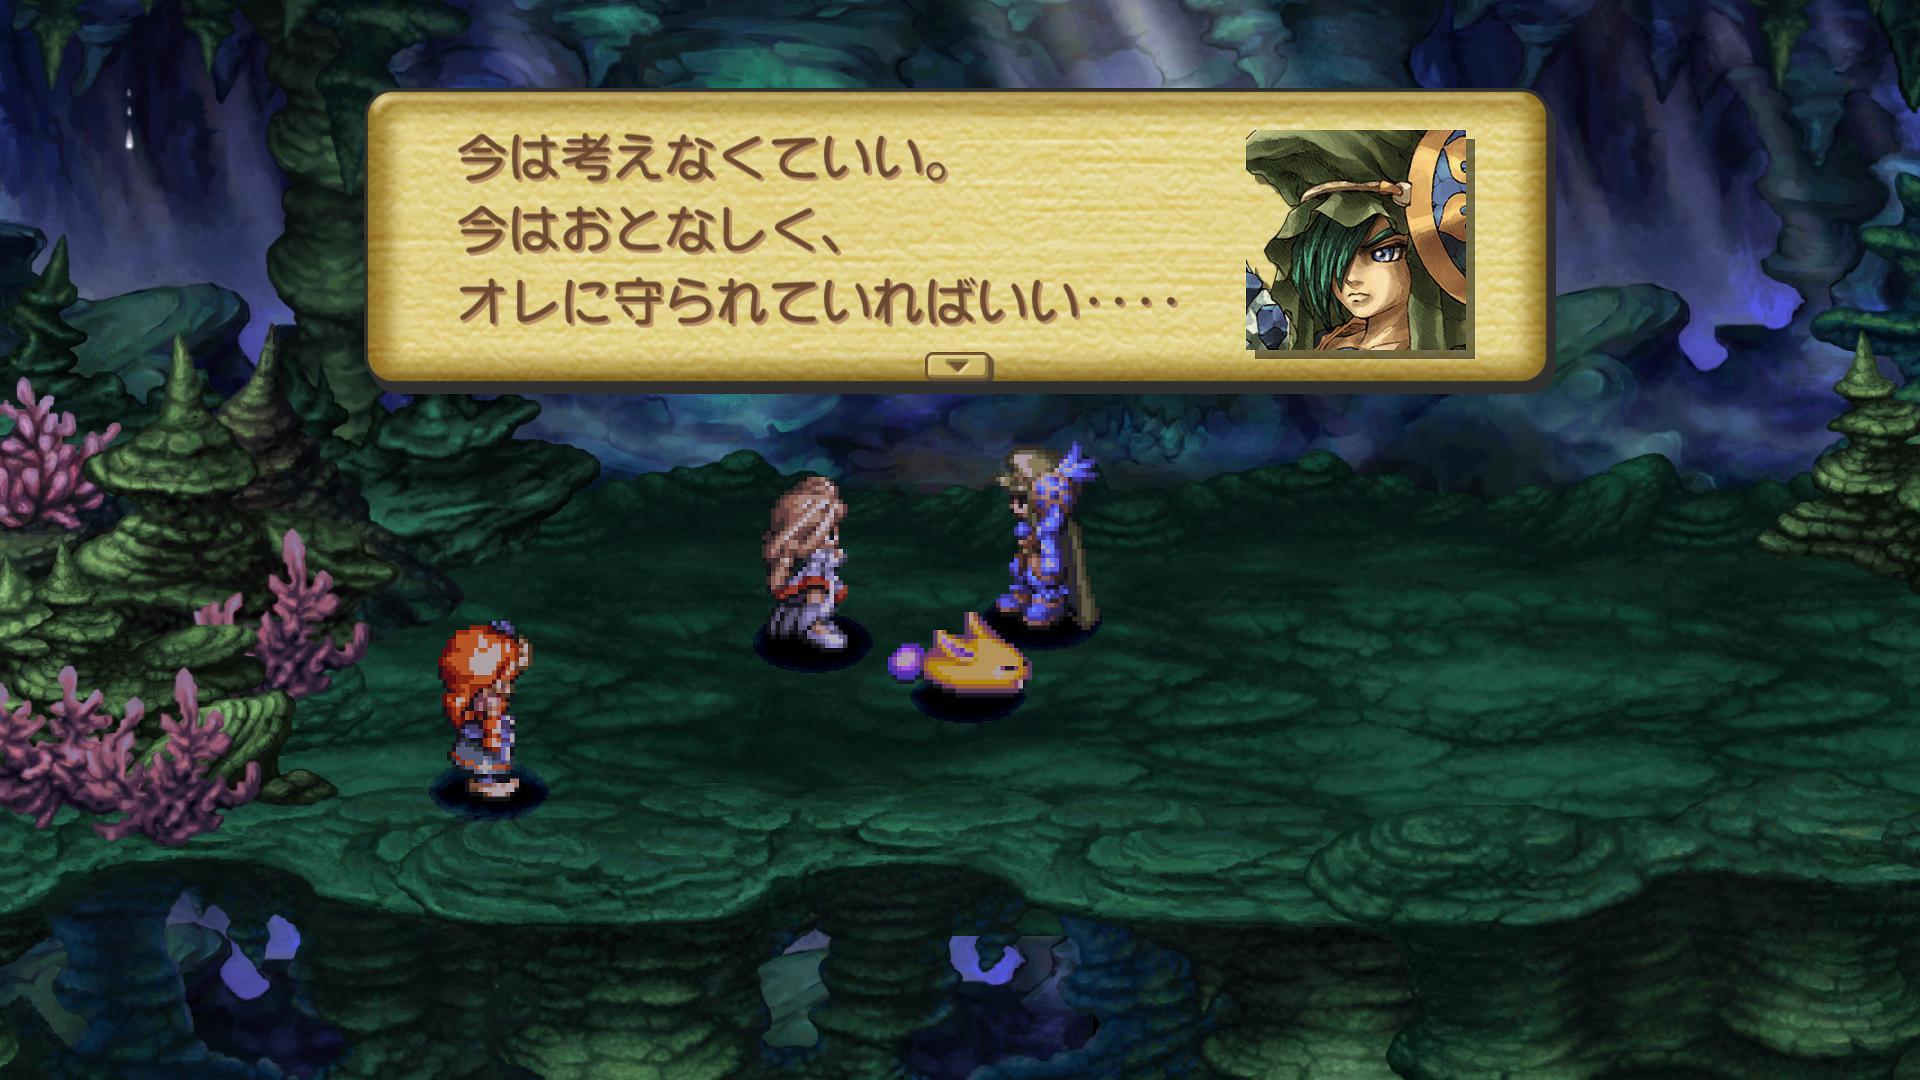 Legend-of-Mana-Remaster-15.jpg?ssl=1